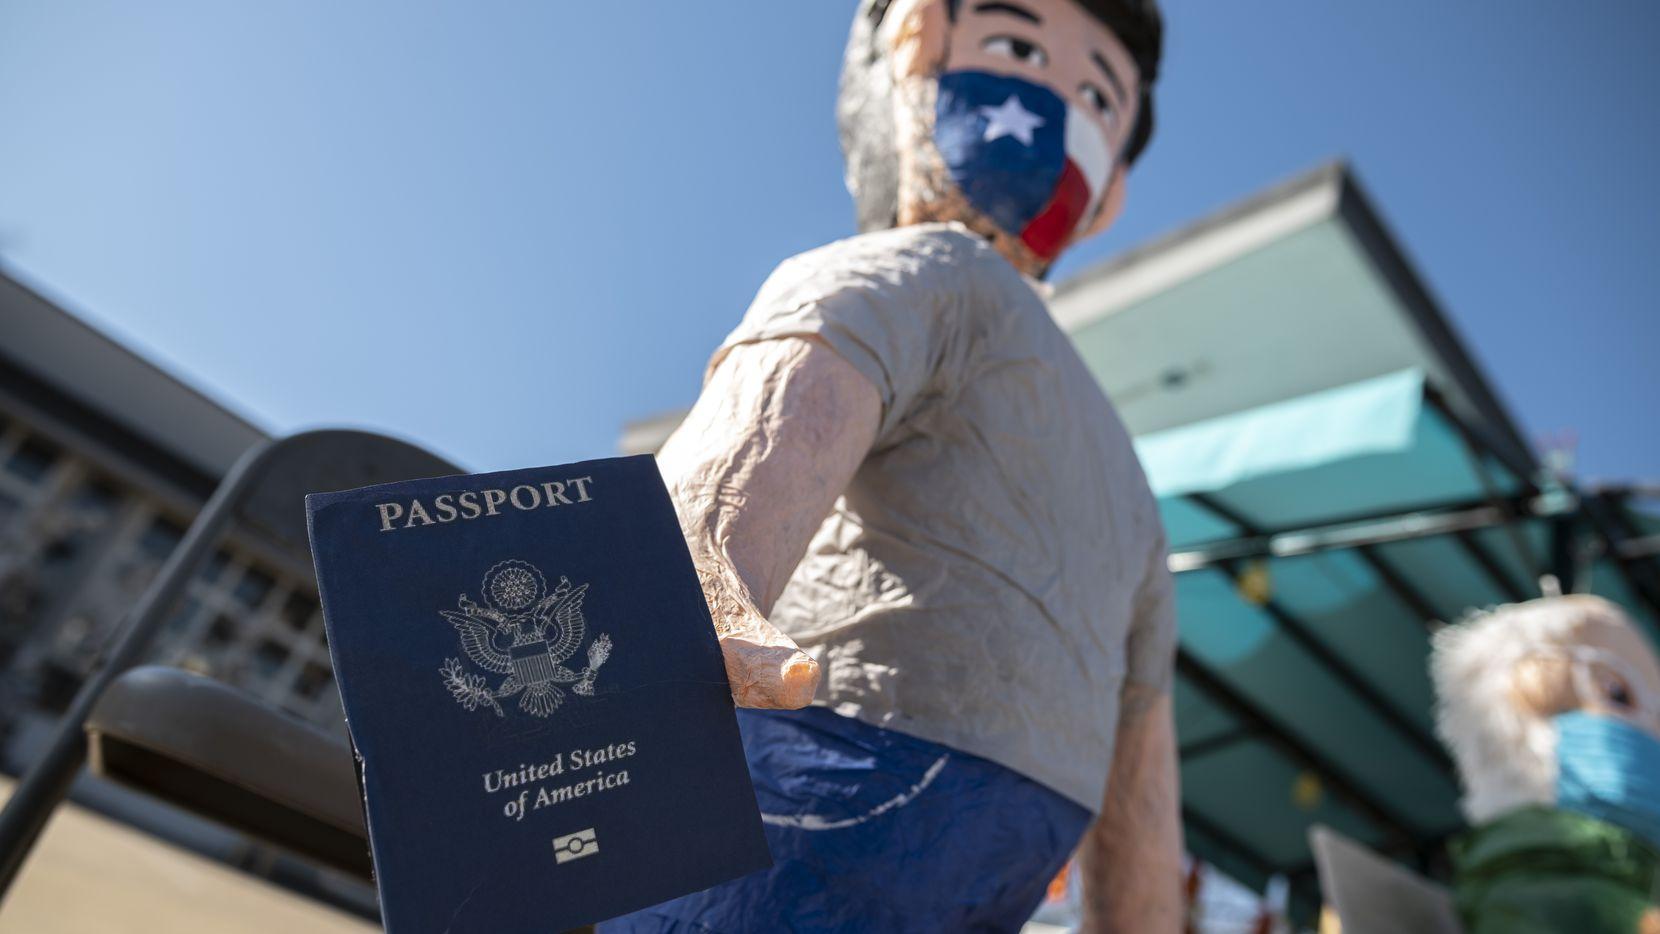 La piñata de Ted Cruz en ABC Party viene con todo y pasaporte.